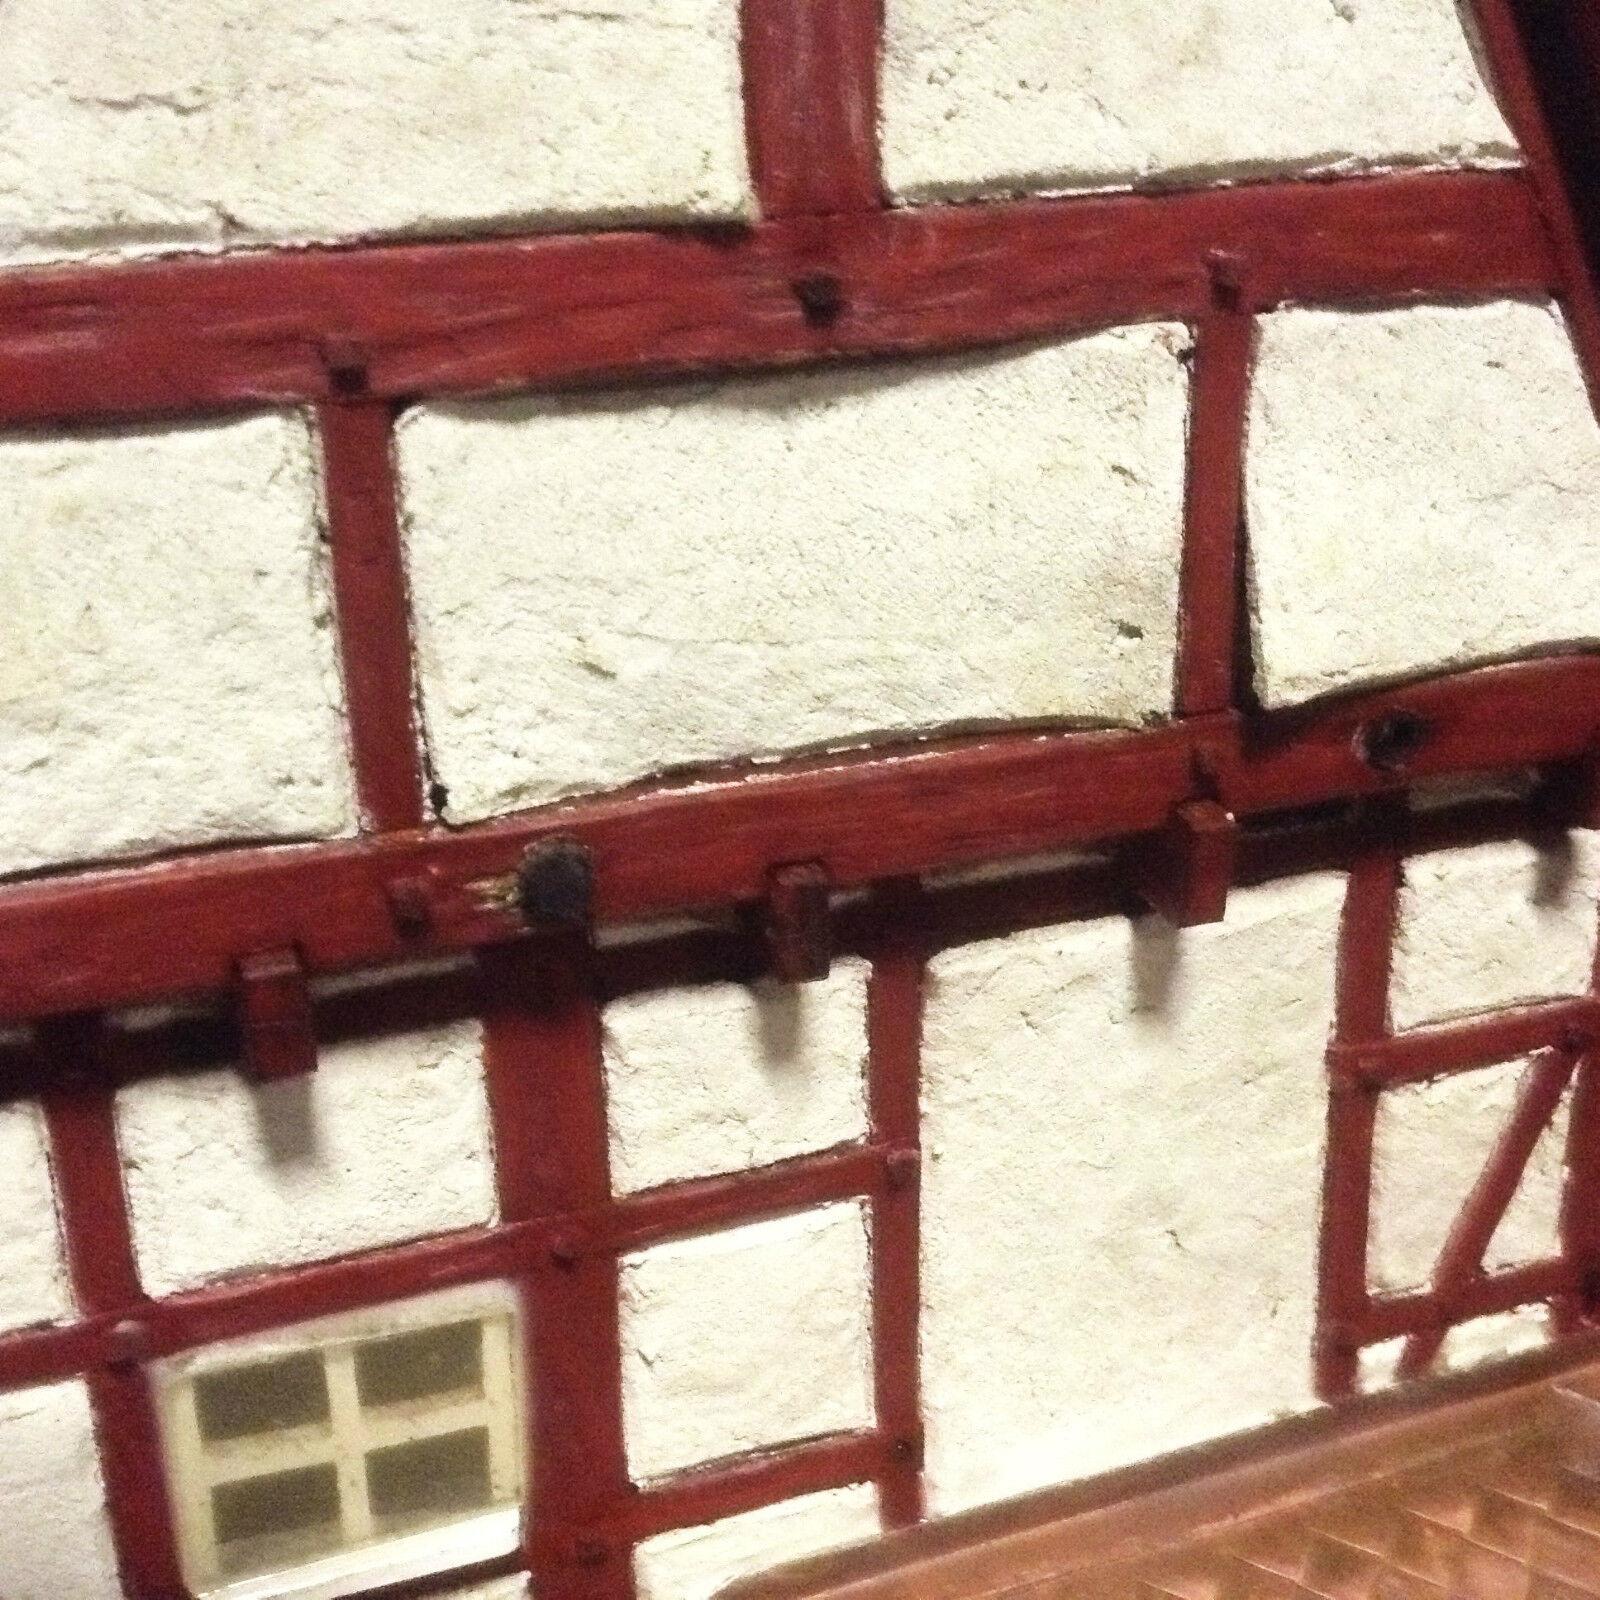 Marklin traccia 1 Modello Ferrovia LGB reticolare antico antico antico Museo casa Zimmermann LEGNO MODELLO 23ae5d